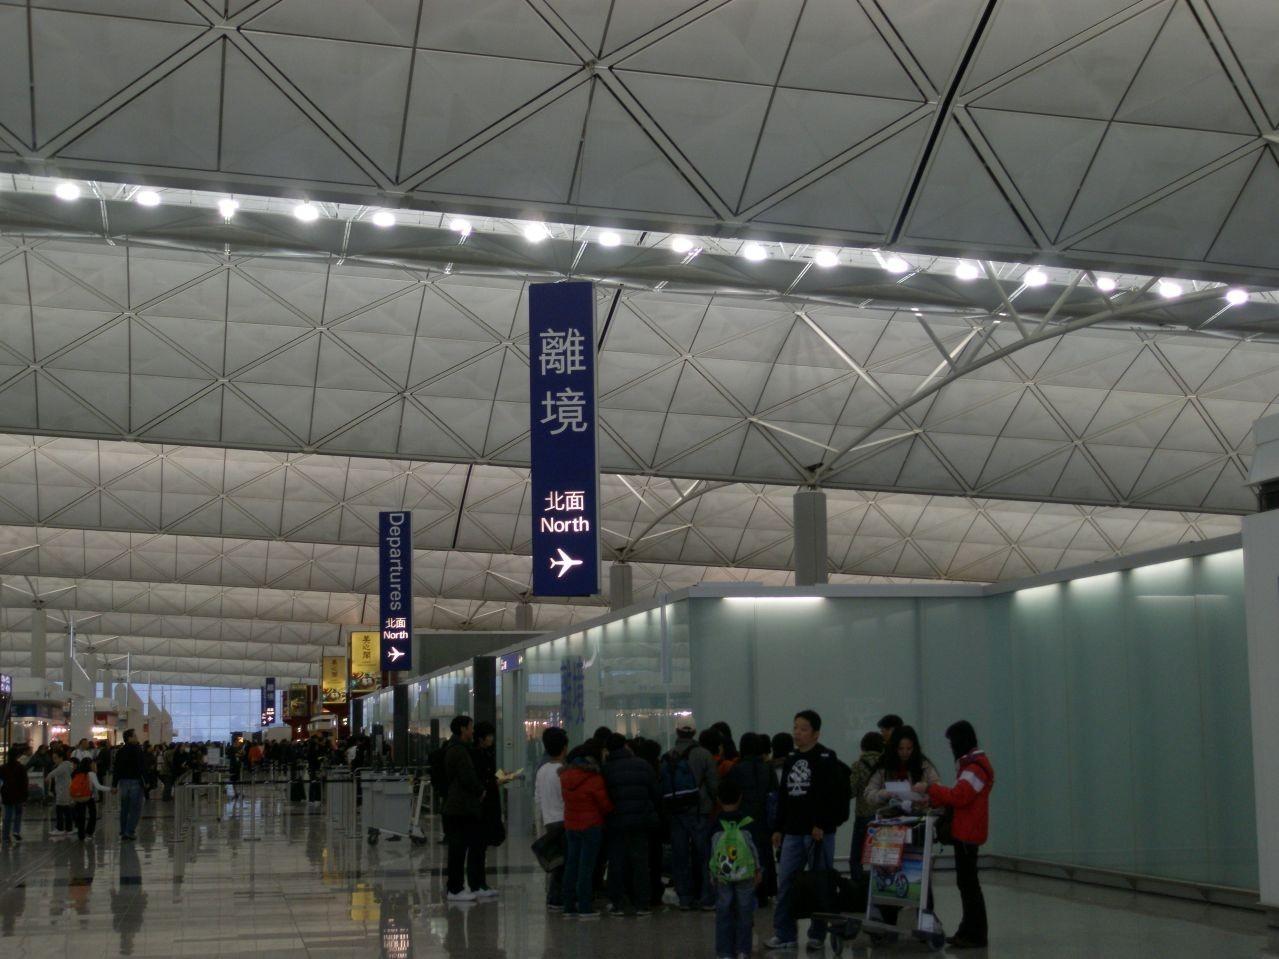 香港機場香港航空柜臺-大阪機場香港航空柜臺|香港機場免稅店購物攻略|香港機場 香港航空|香港快運航空訂單查詢